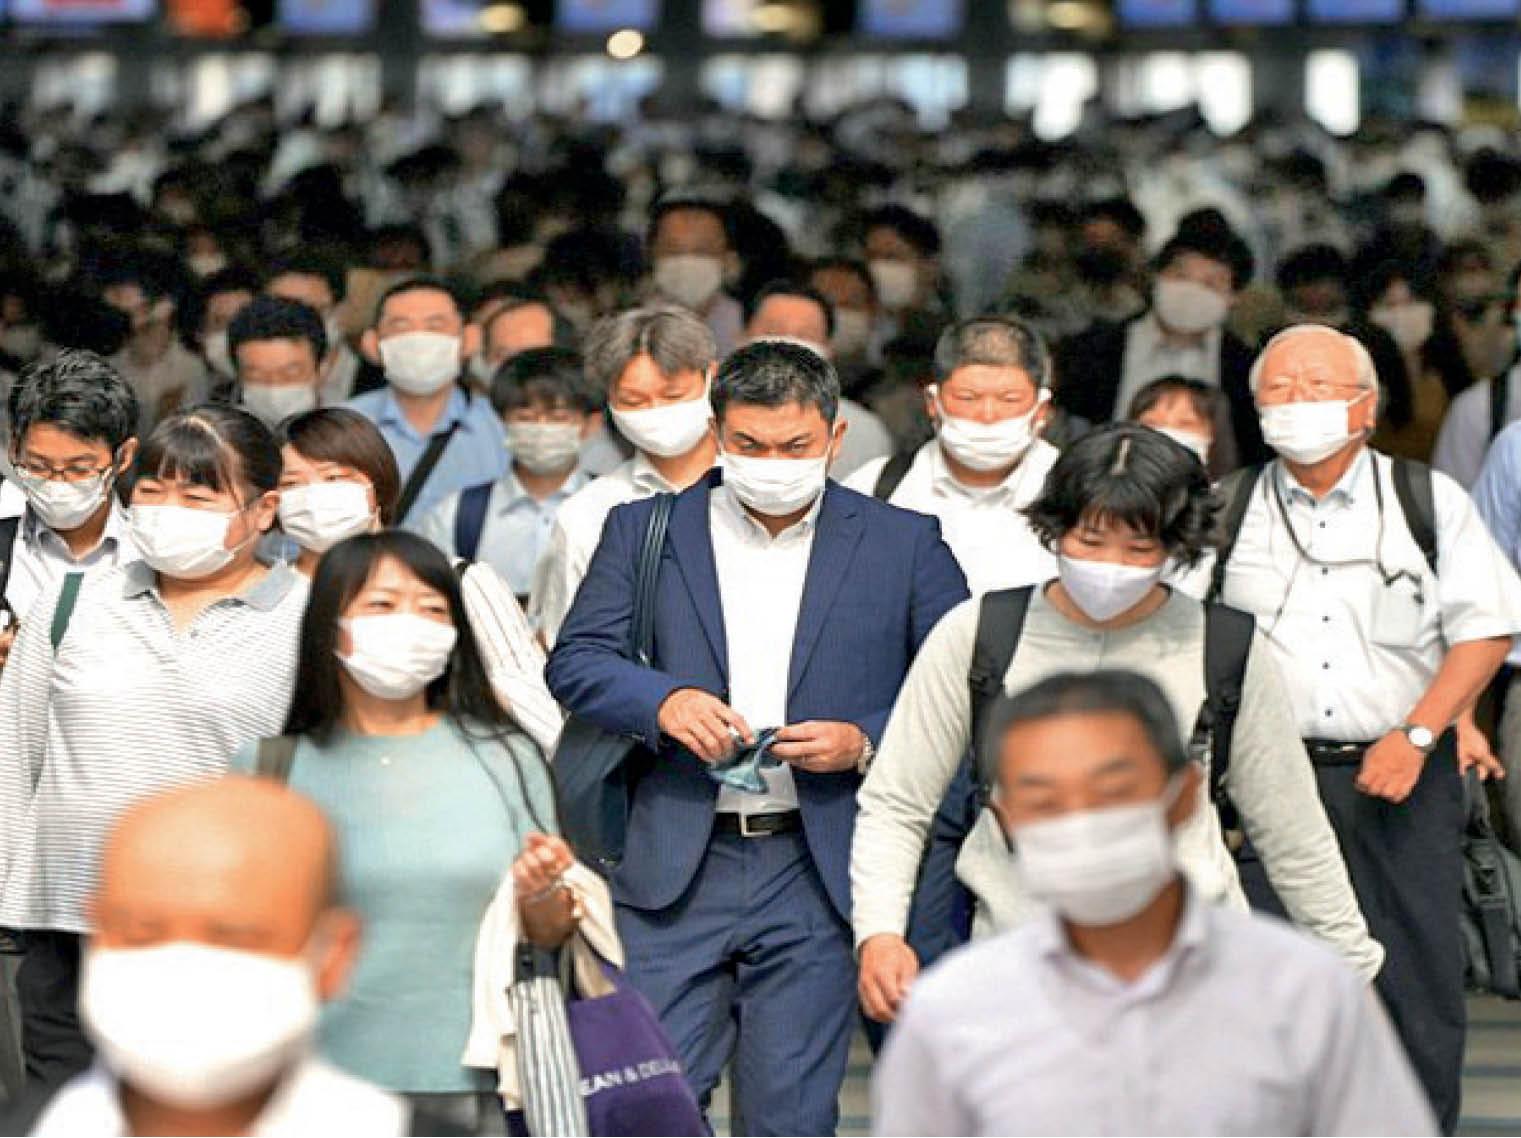 टोक्यो में कोरोना की चौथी स्टेट इमरजेंसी लागू, गैर जरूरी आवाजाही पर रोक लगी|विदेश,International - Dainik Bhaskar